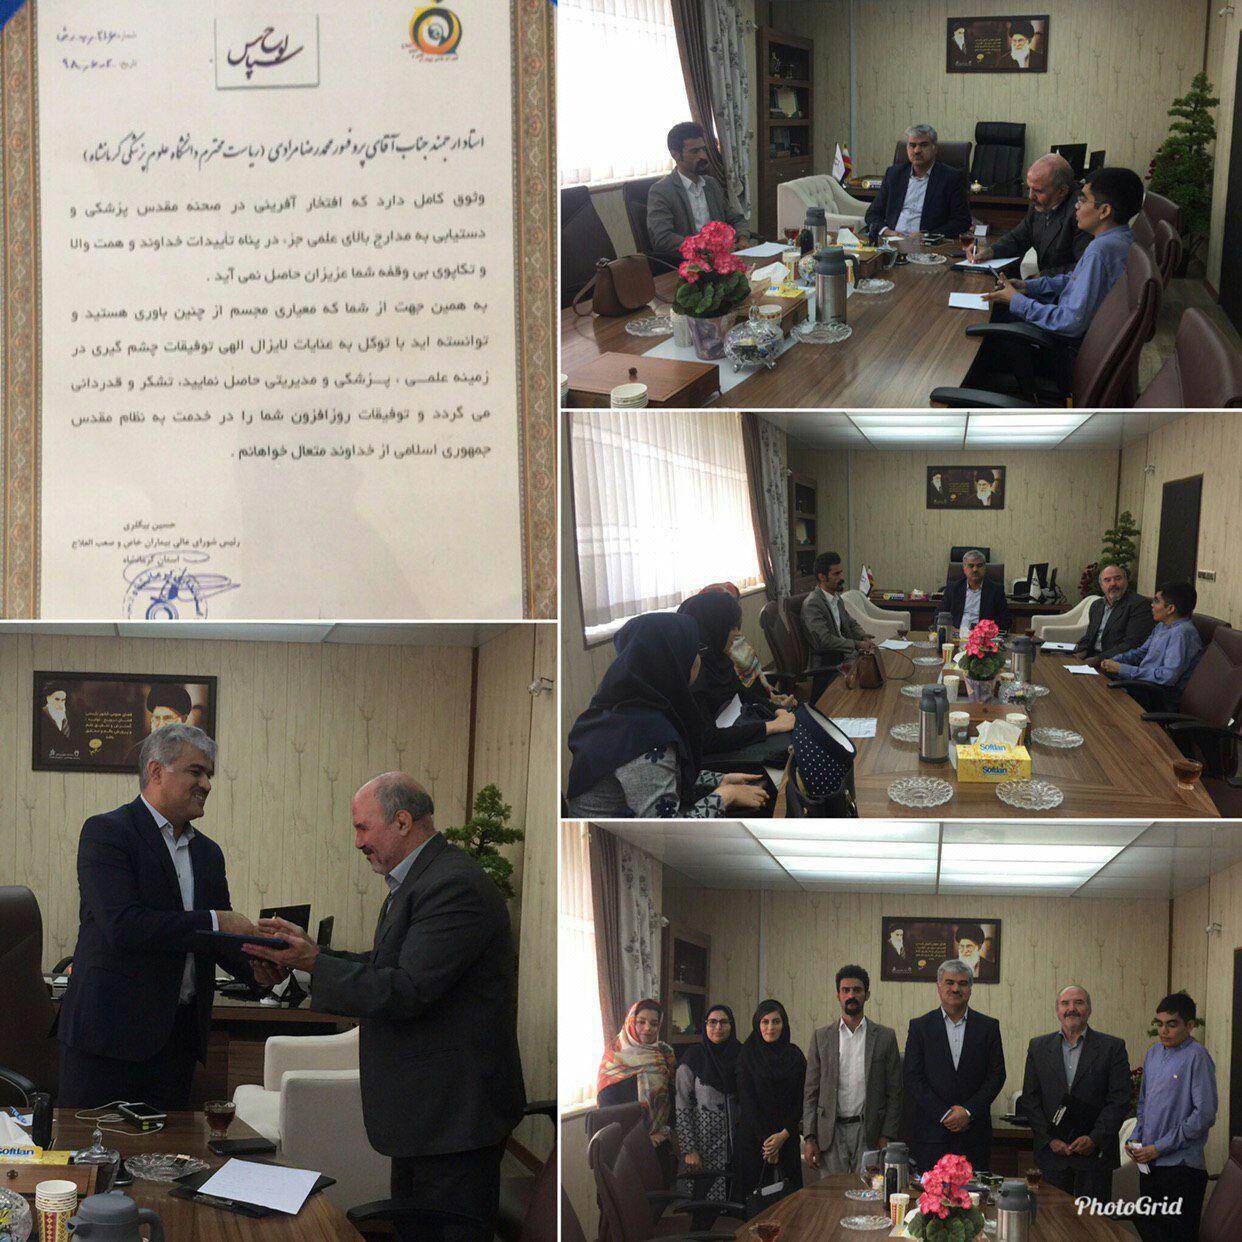 جمعی از فعالان انجمن های بیماران خاص با همراهی مسئول امور بیماری های خاص استان با رییس دانشگاه دیدار کردند